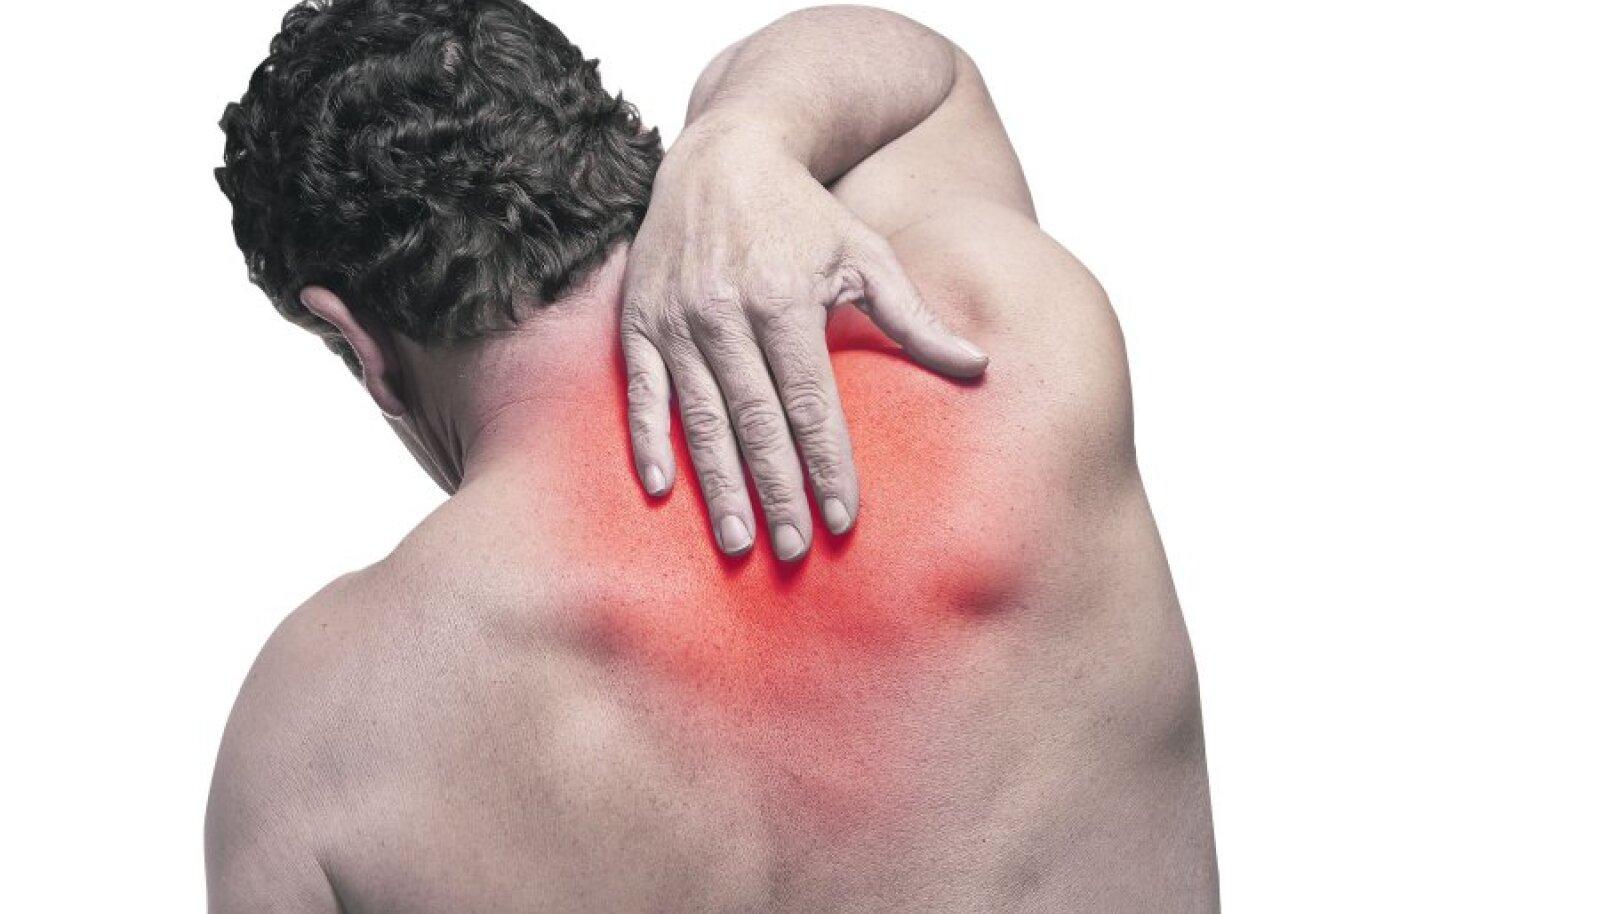 argroza maagiline ravi artroosi vasakpoolne jalgravi